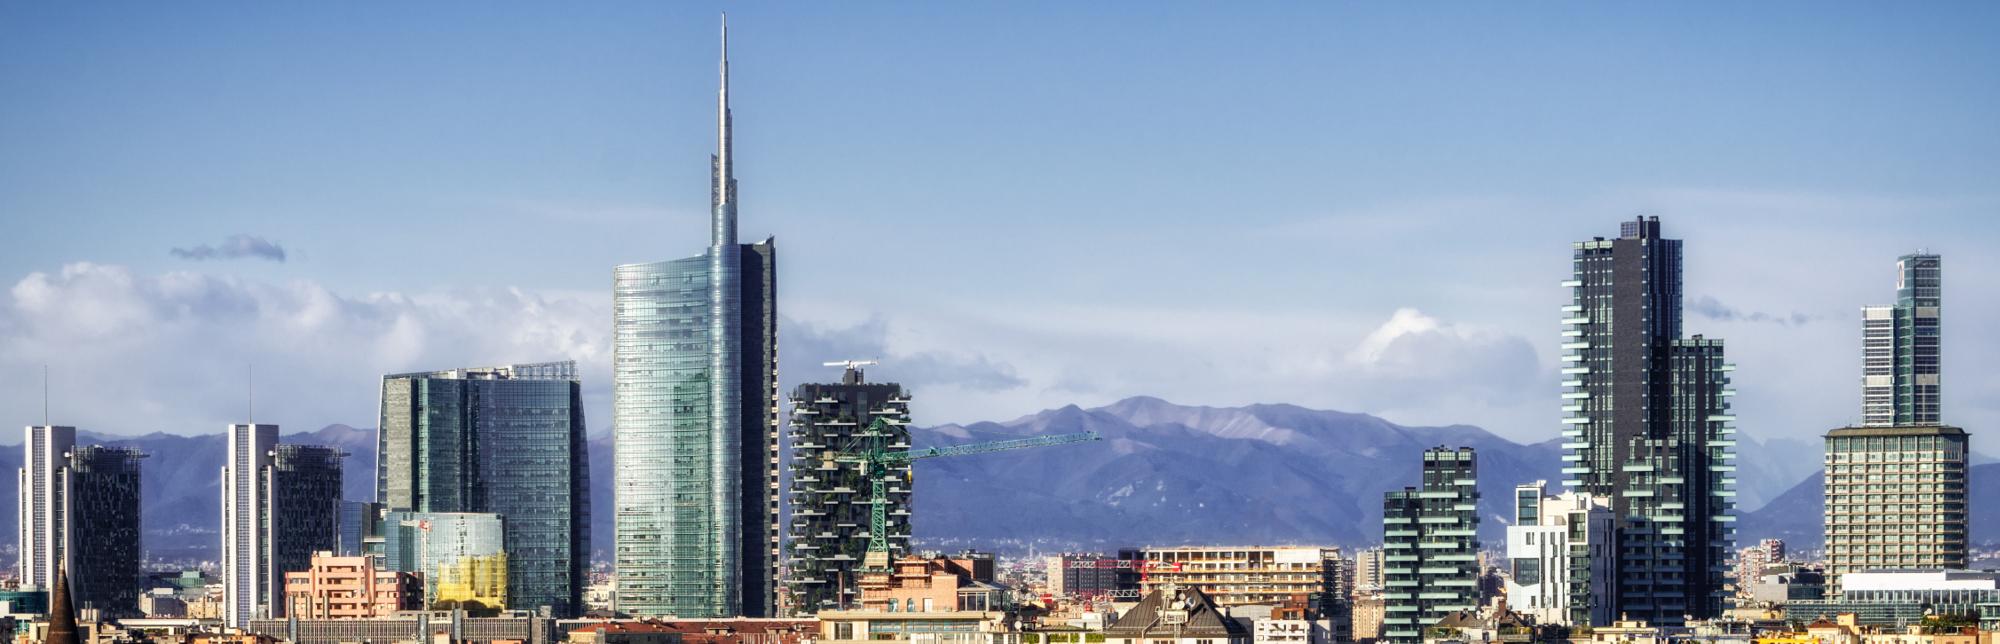 skyline-milan